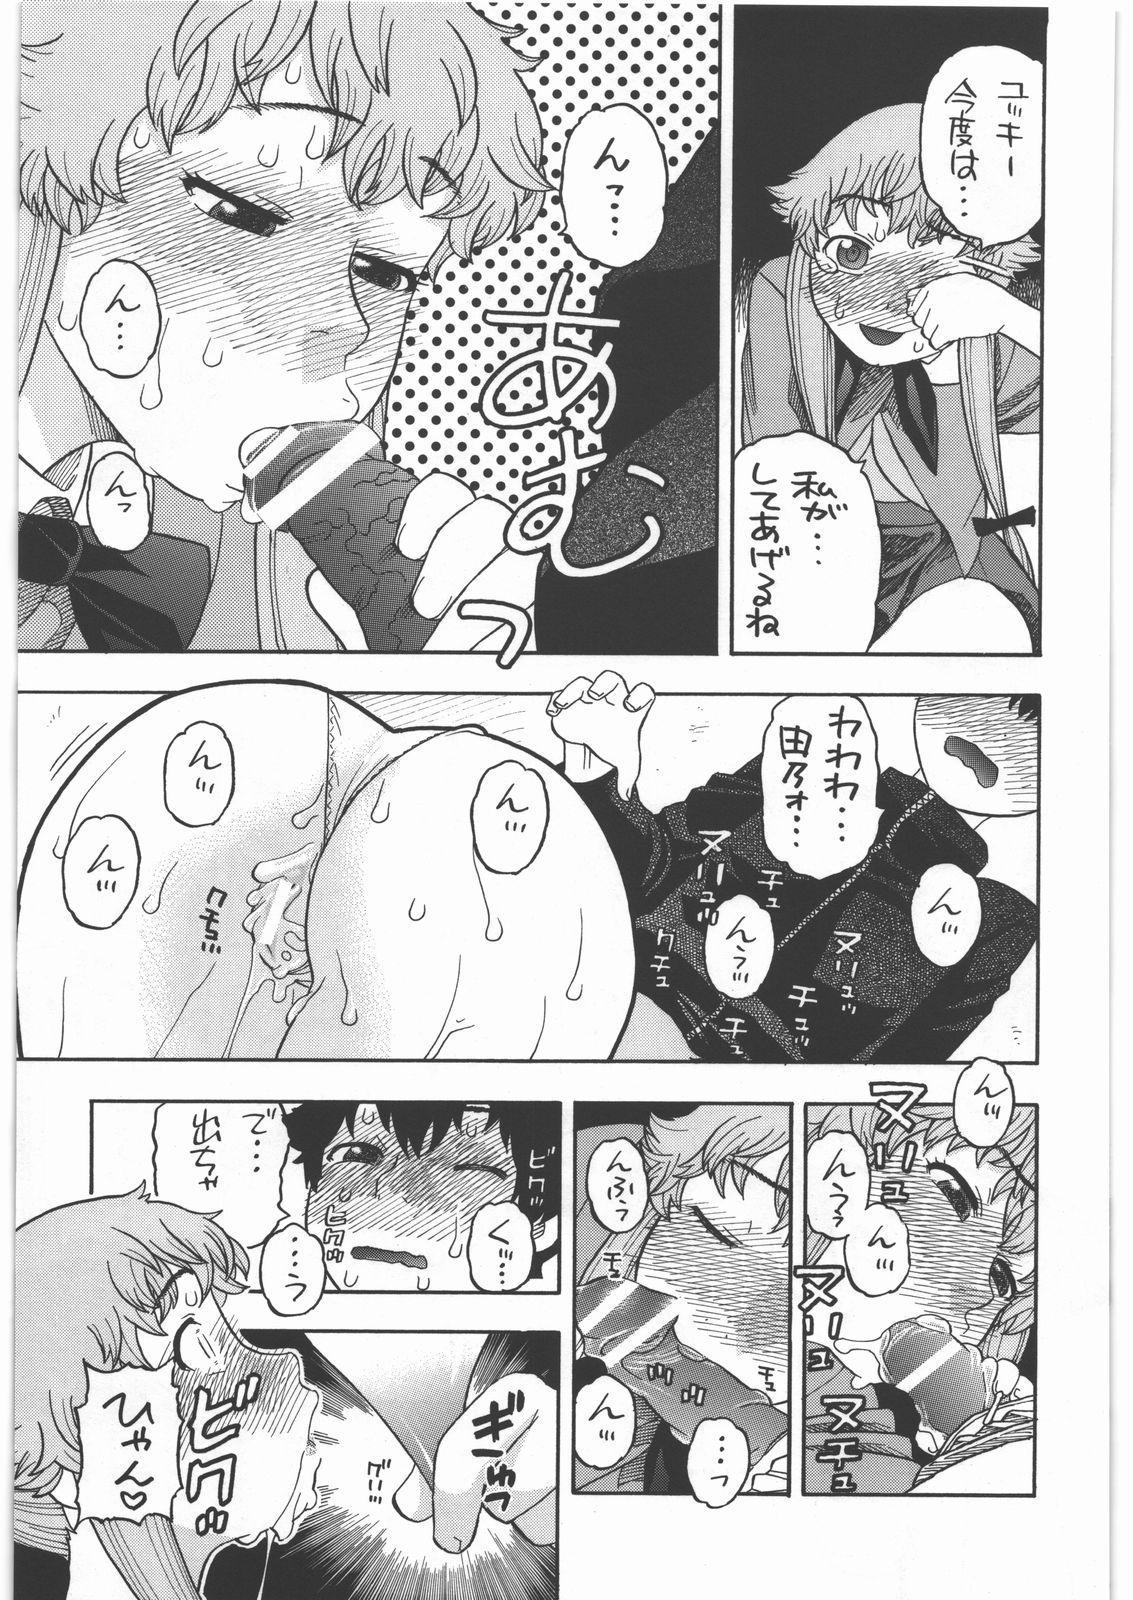 Yuno no Happy End Flag 17